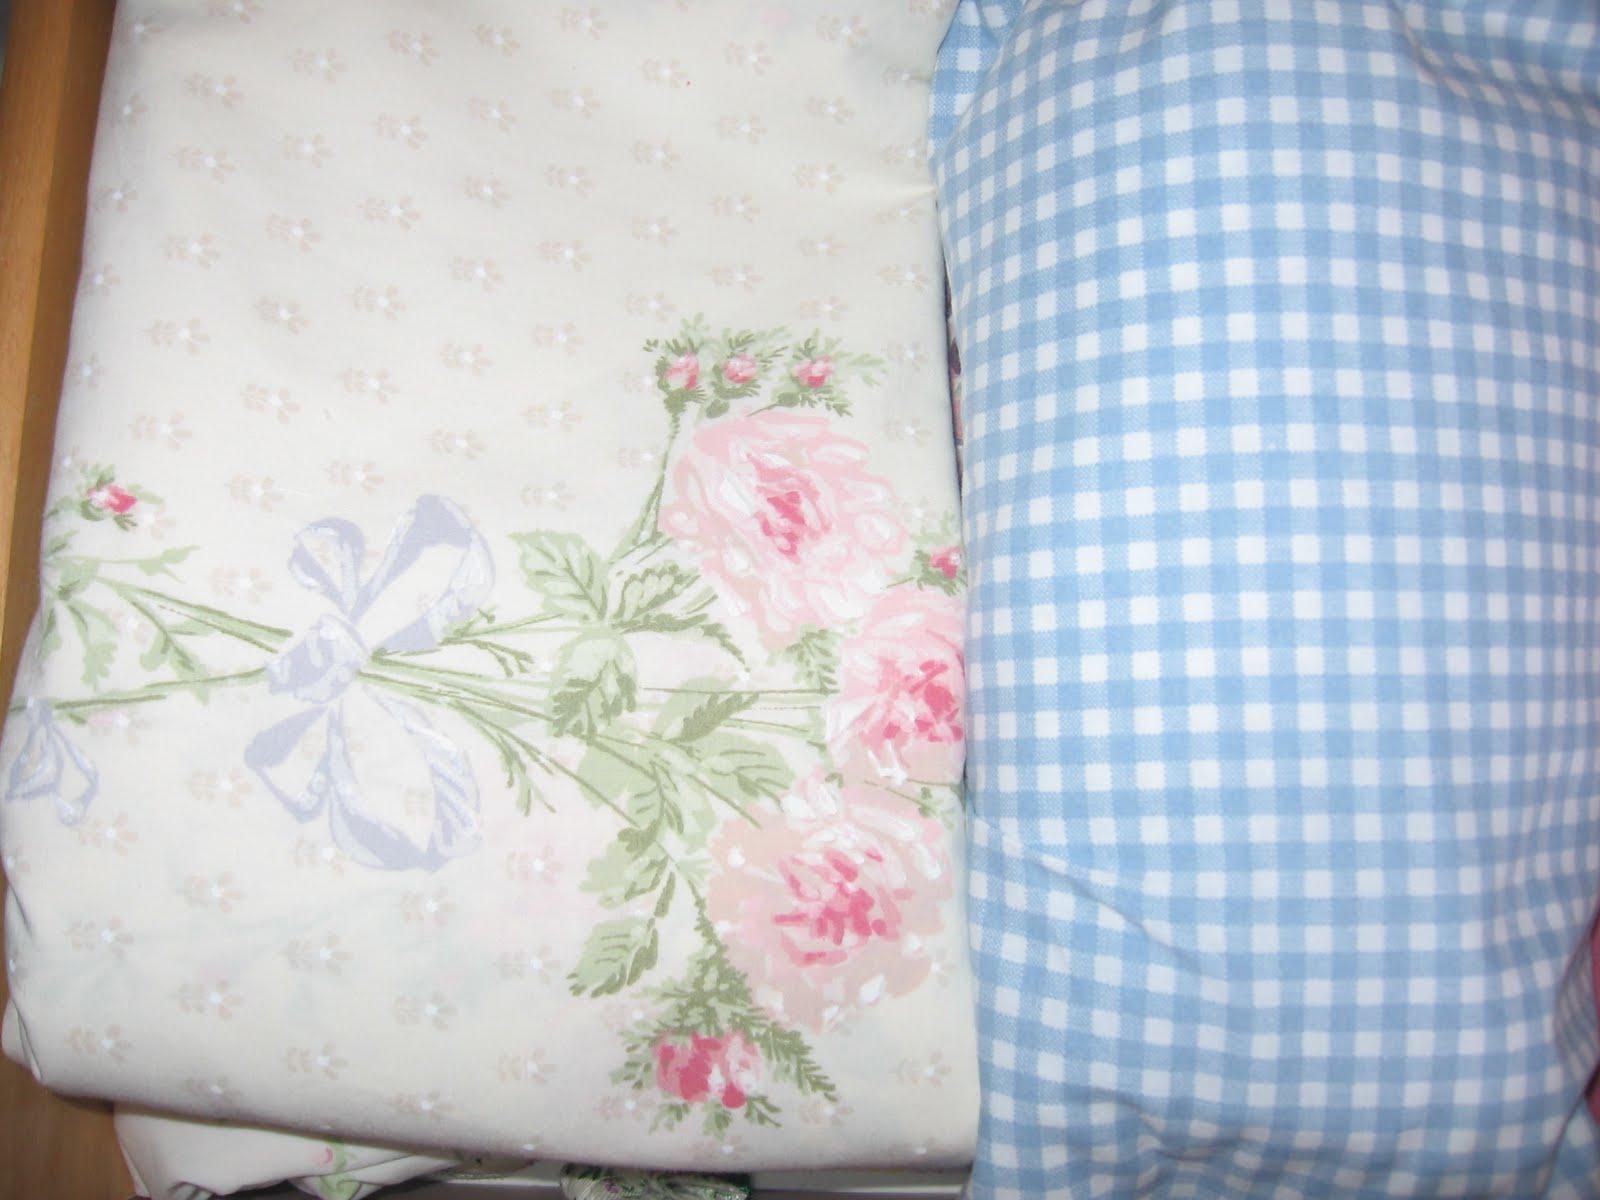 The romantic rose l 39 angolo del mio modo di arredare - Pulizia tappeti ammoniaca ...